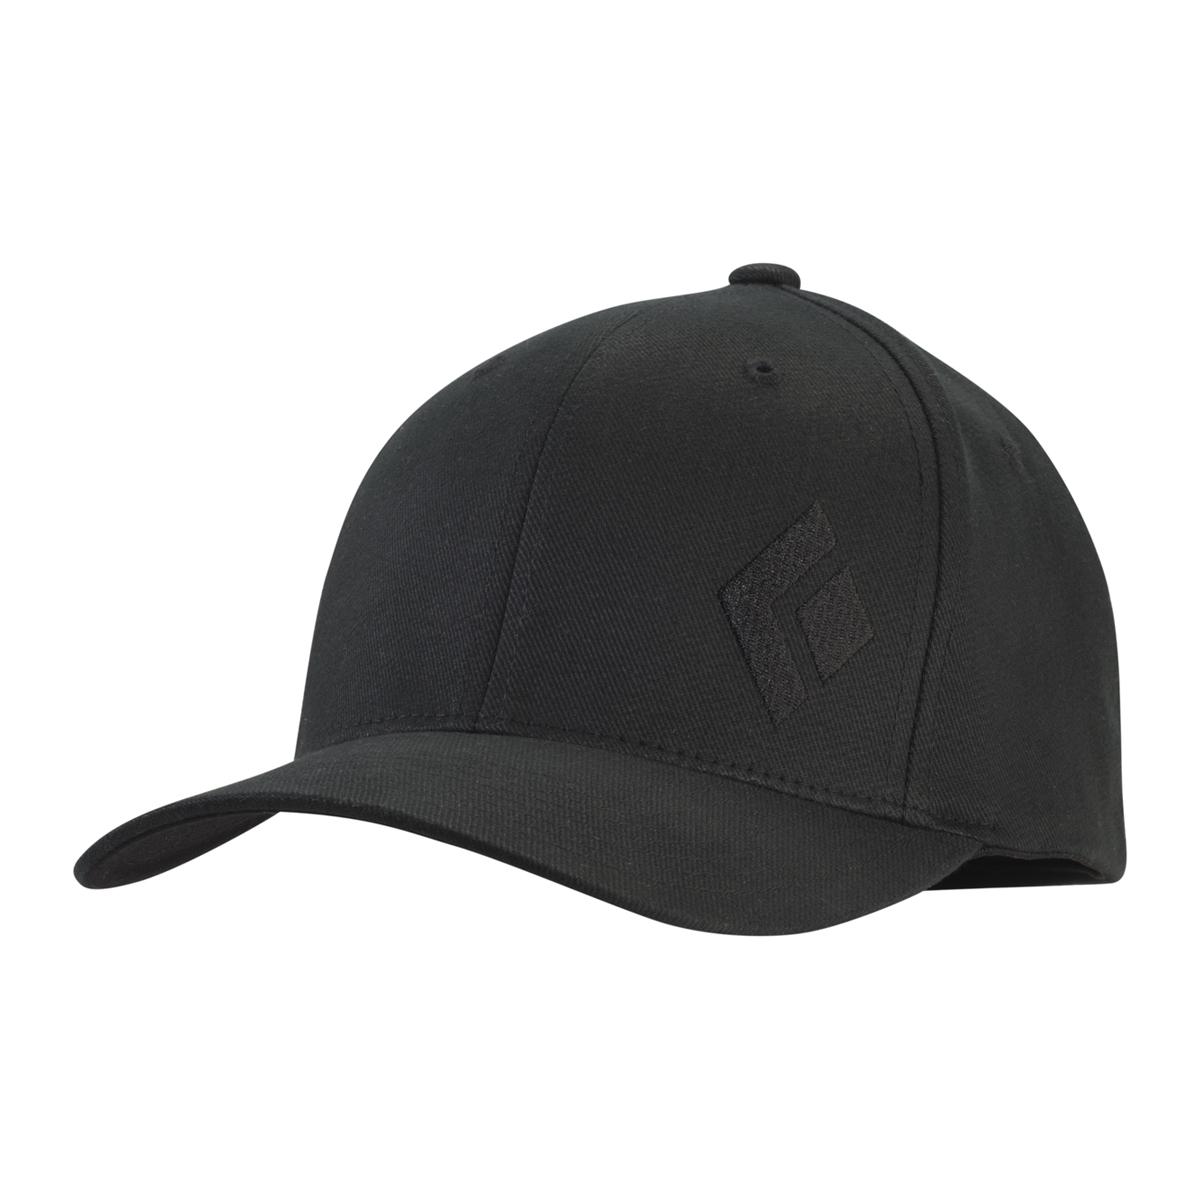 a0a3c5b32c4 Black Diamond BD Hat 2015